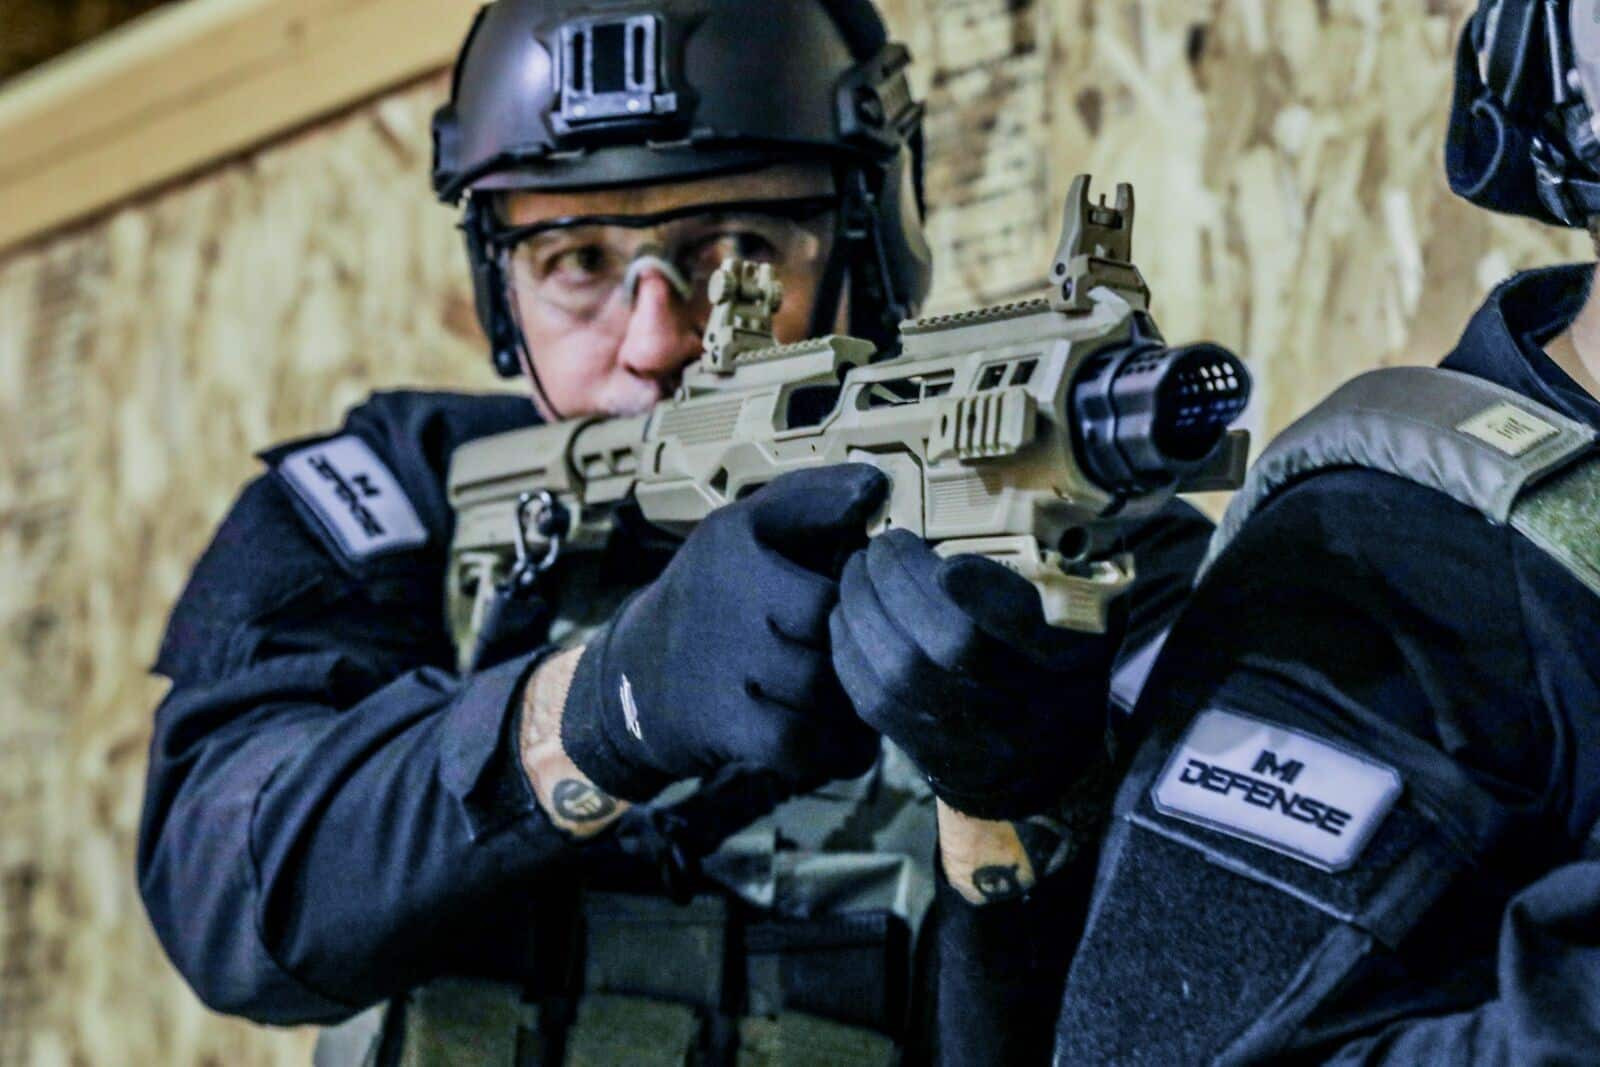 IMI-Defense